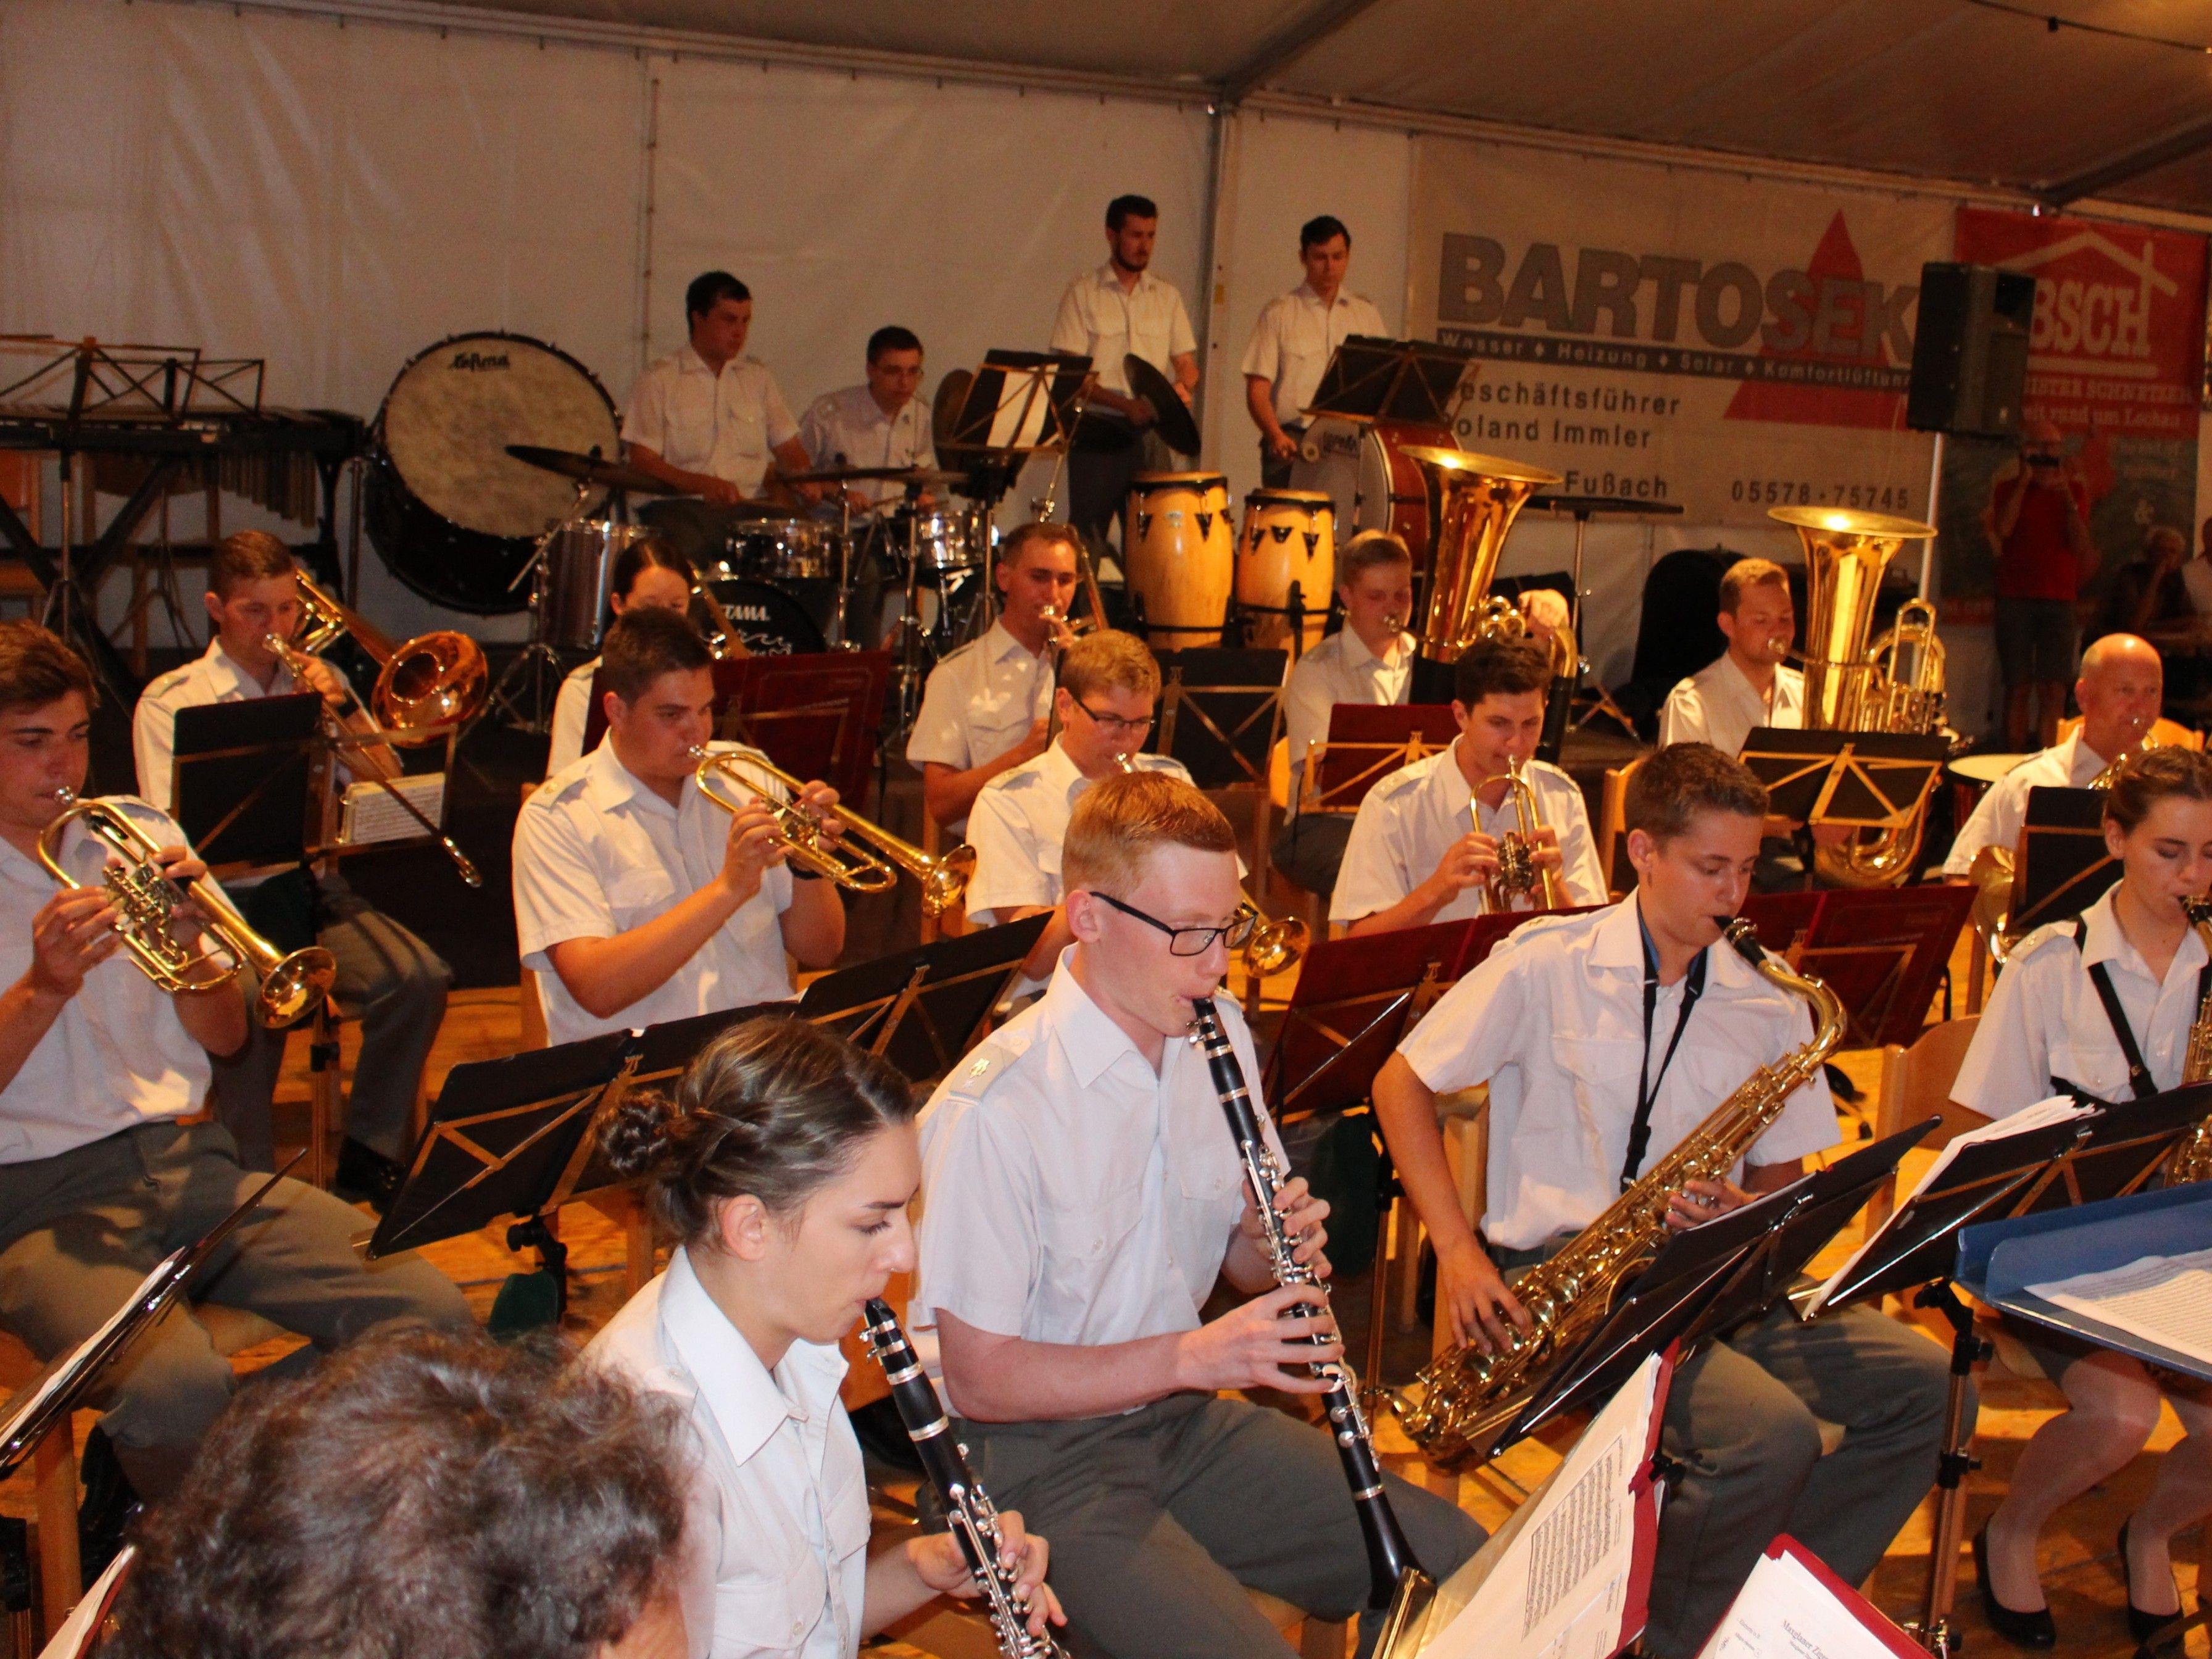 Traditionelles Sommerkonzert mit der Militärmusik Vorarlberg als Auftakt zum großen Lochauer Dorffest des Musikvereines.